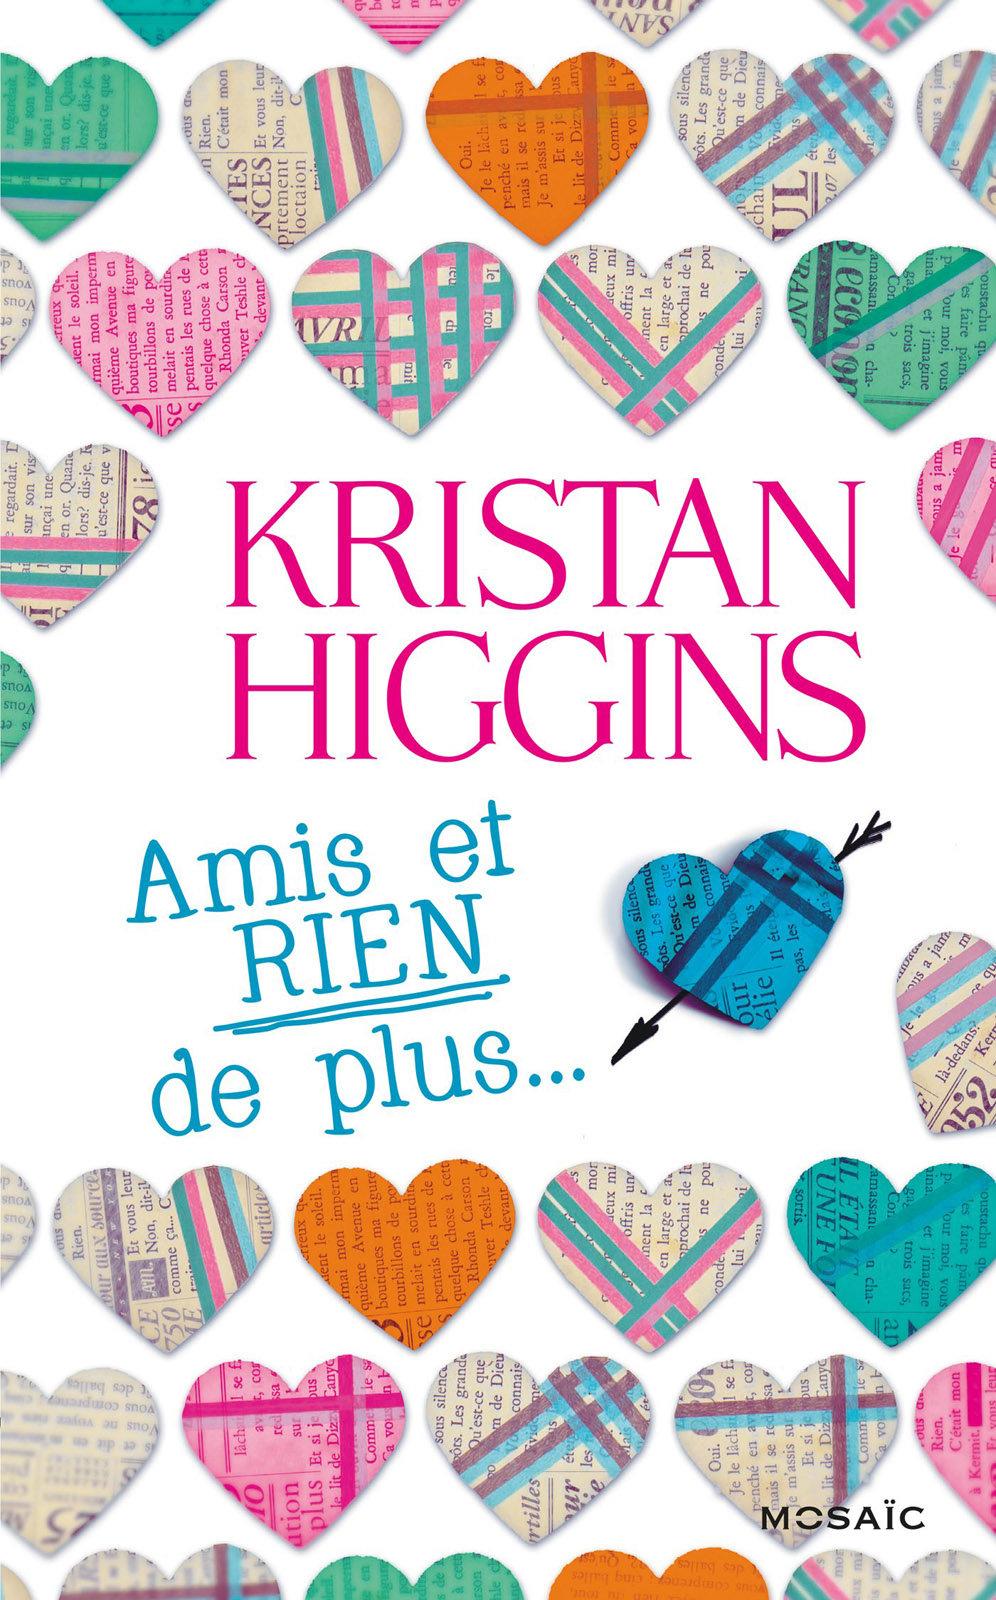 higgins_amis_et_rien_de_plus